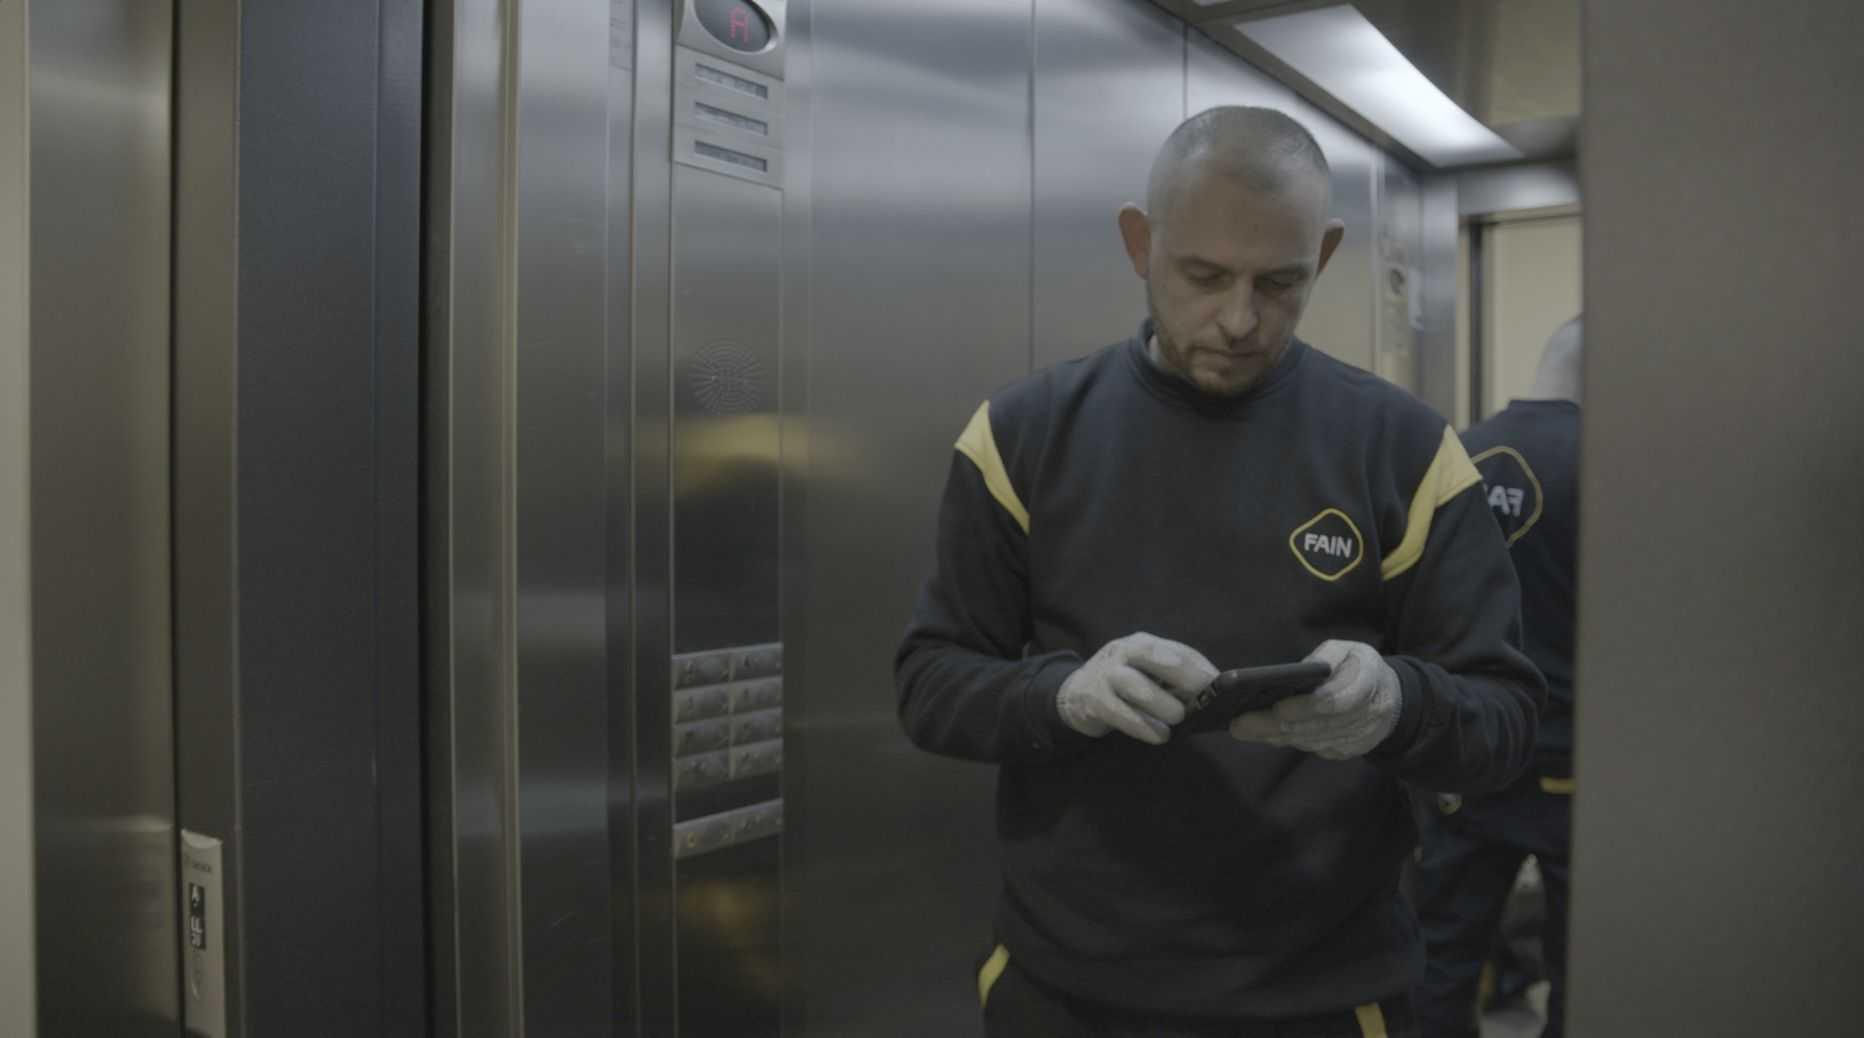 Técnico en ascensor